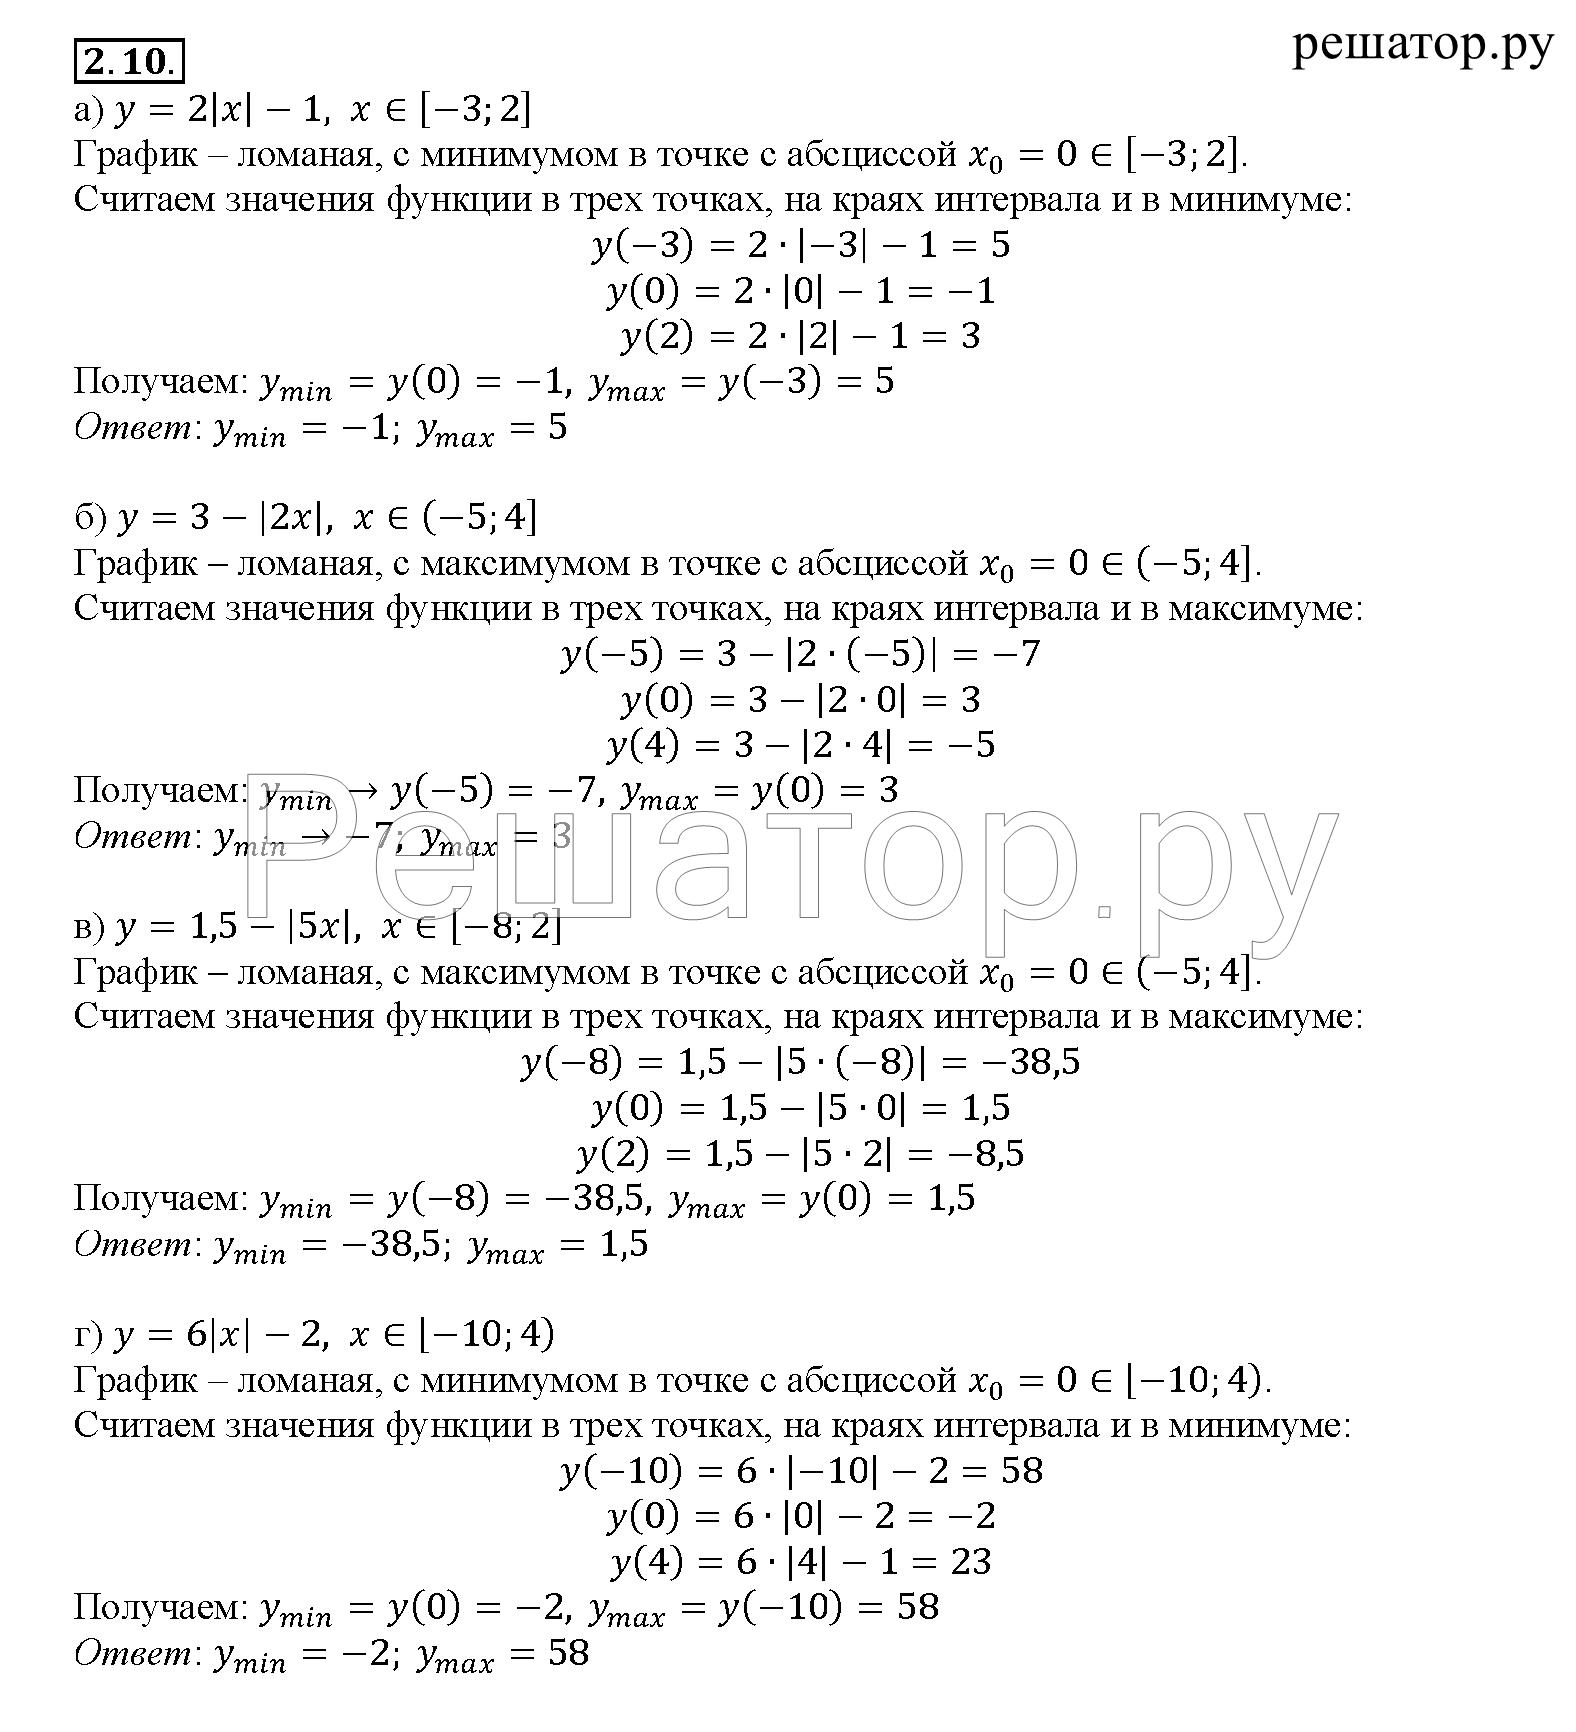 Гдз алгебре класс часть2 задачник мордкович, мишустина тульчинская, александрова